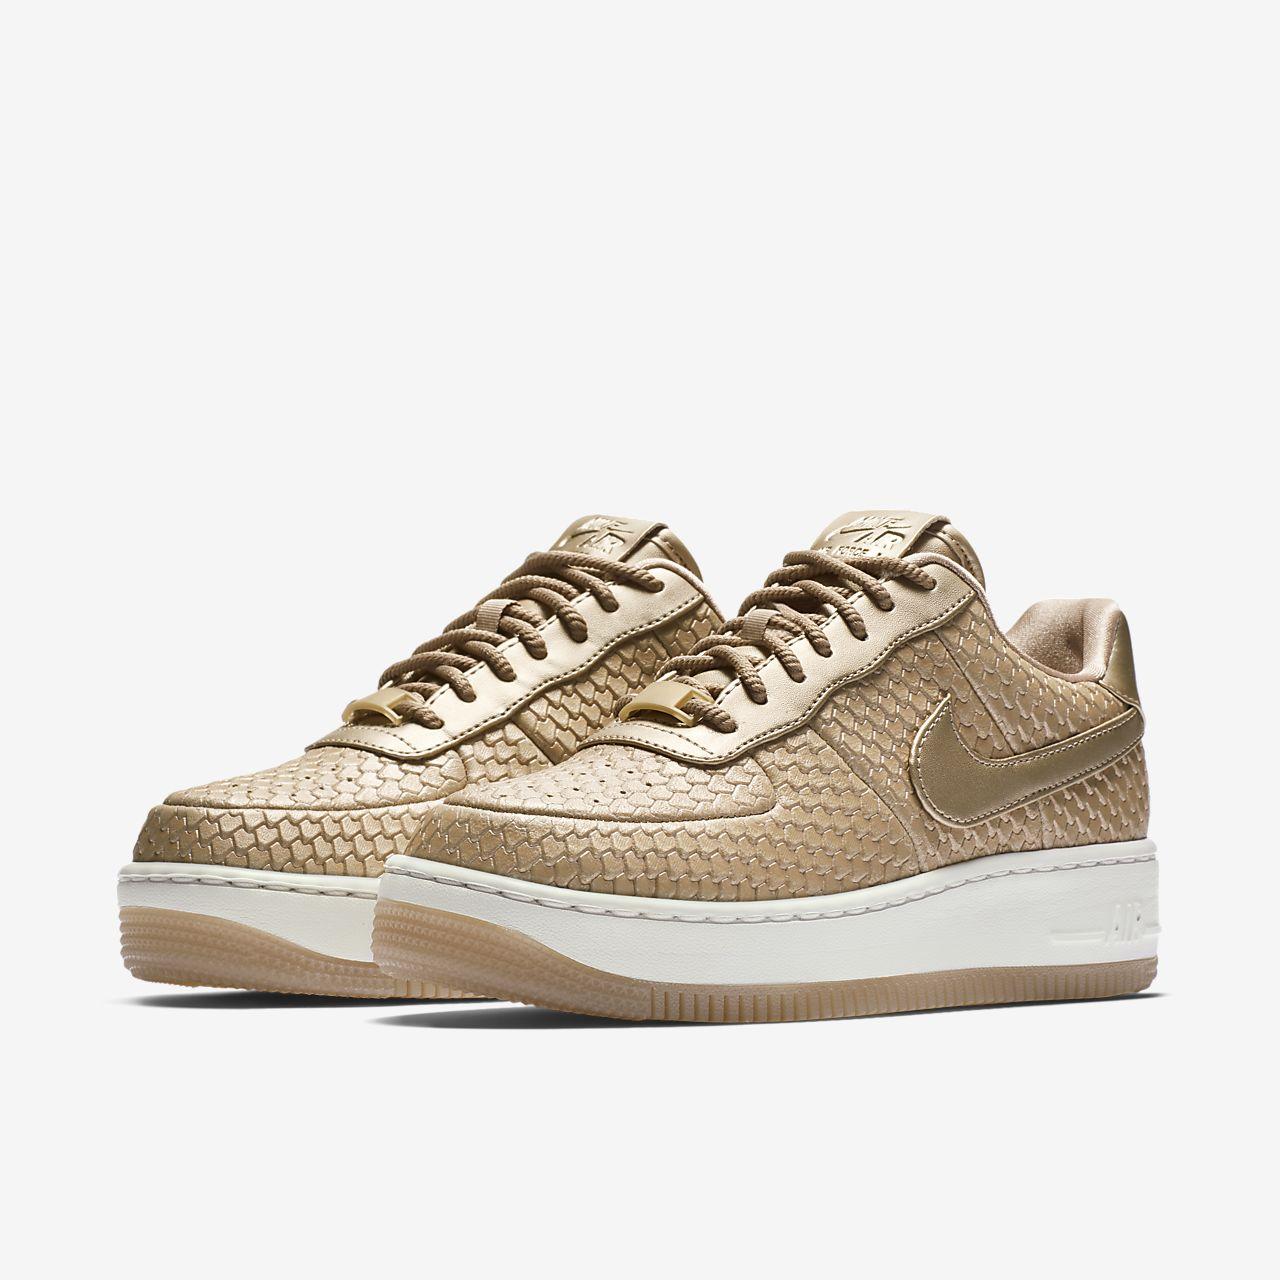 nike air force 1 upstep sneakers